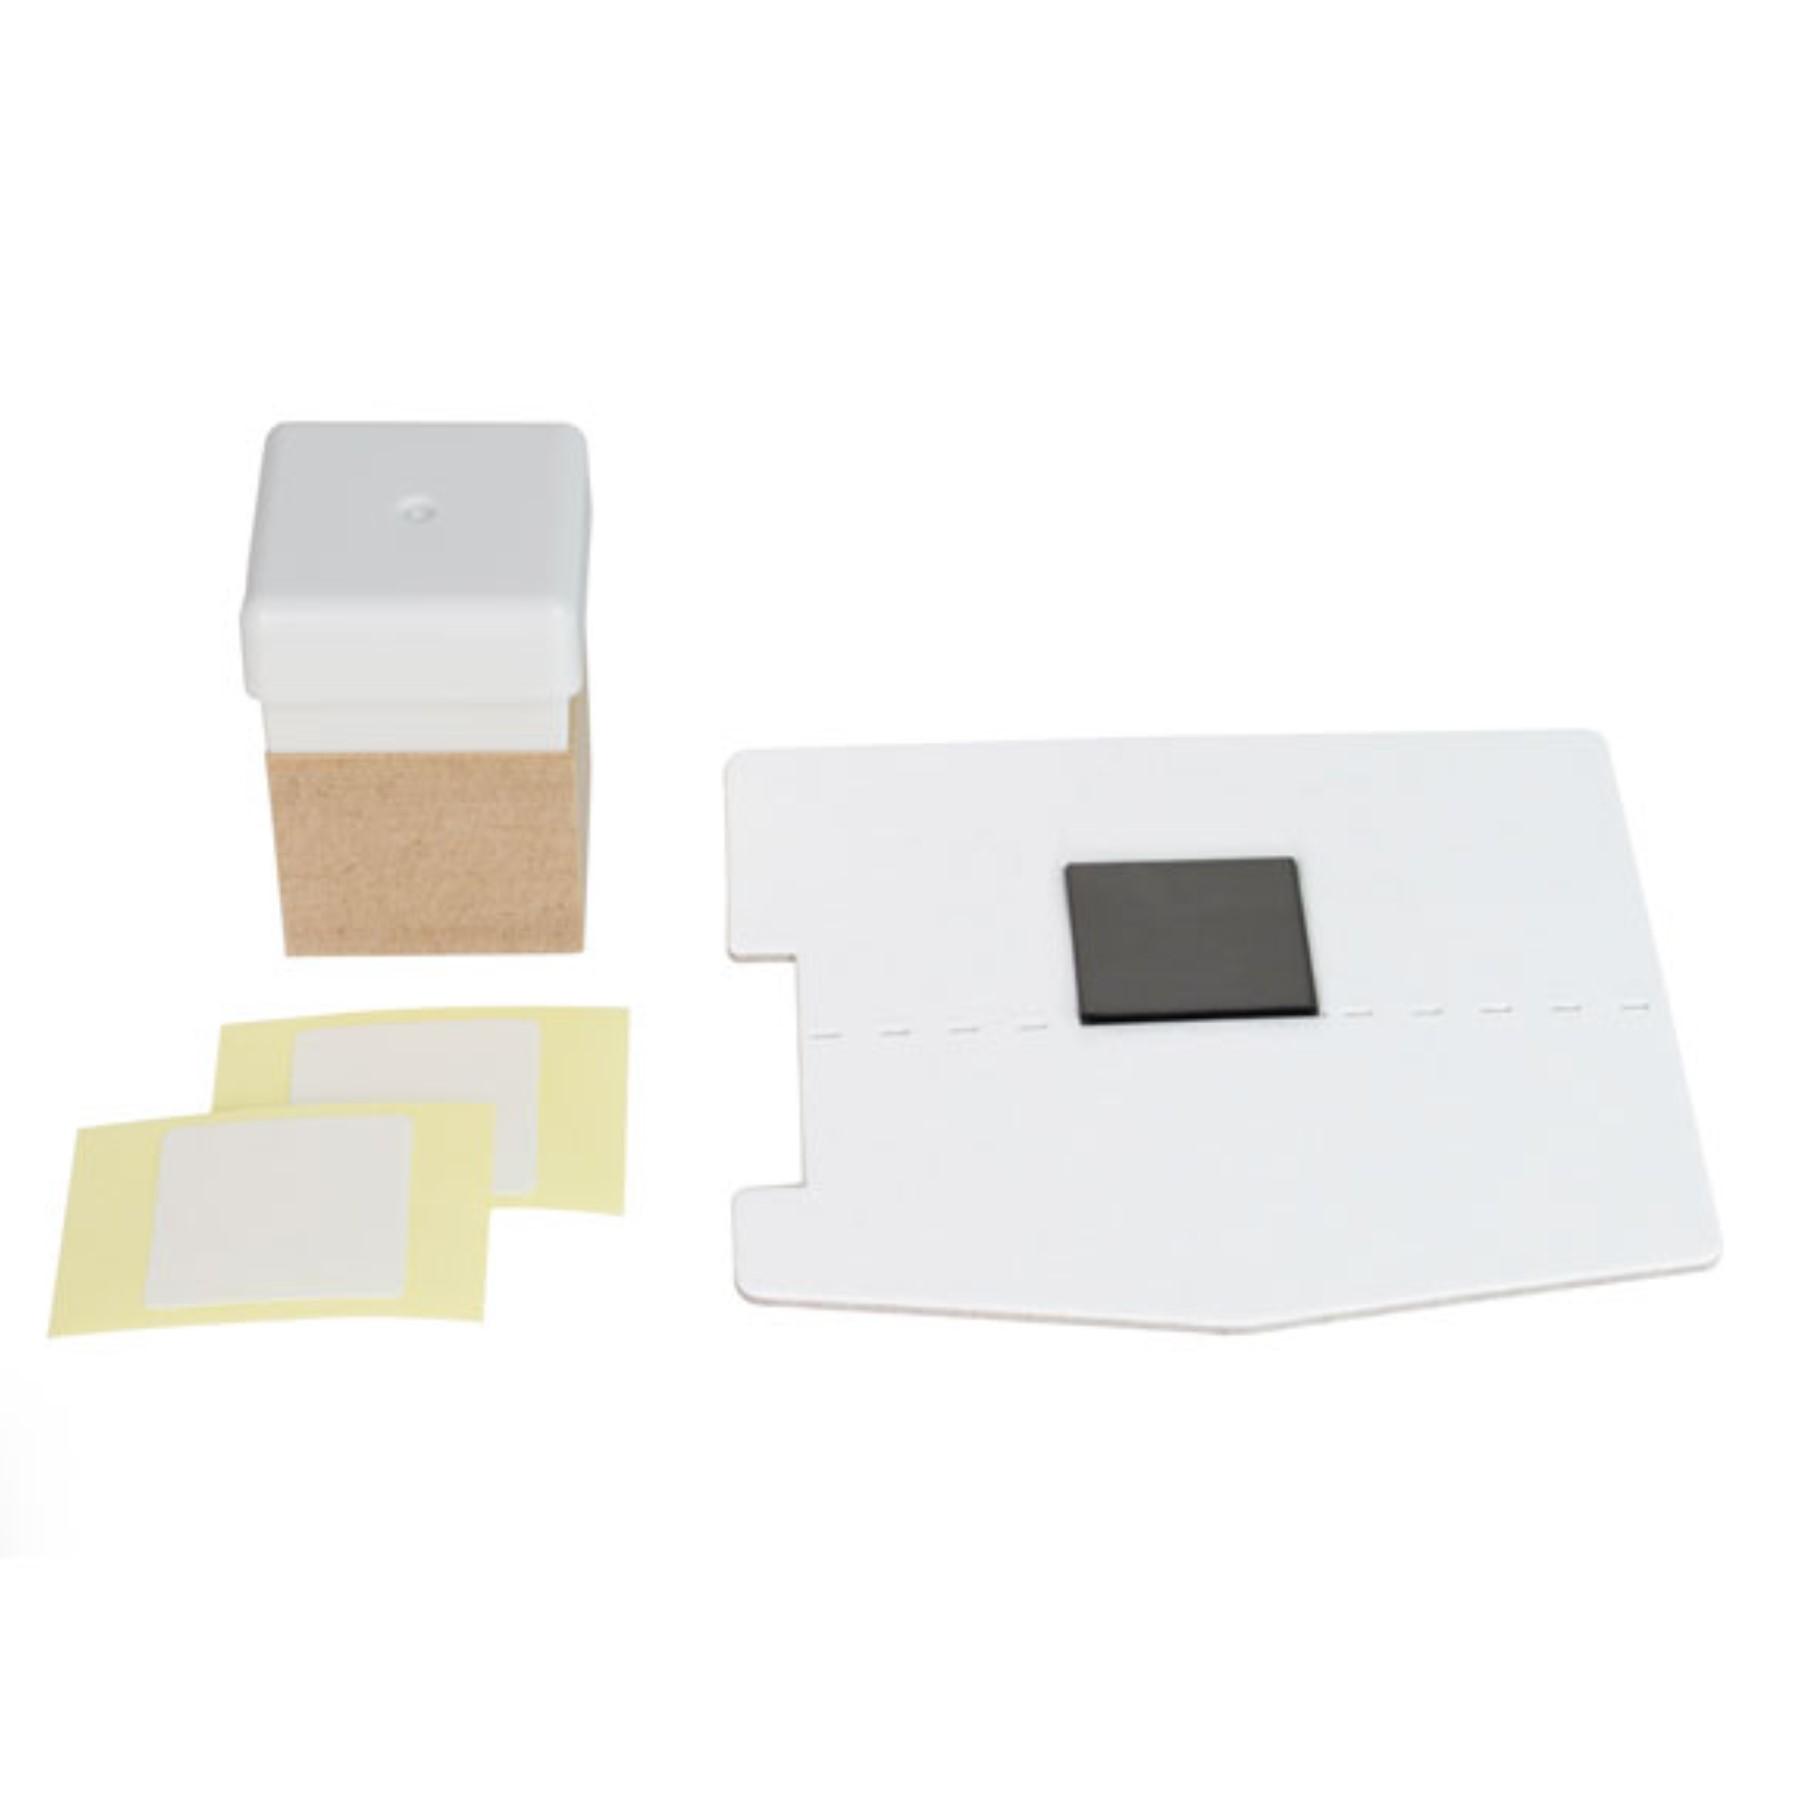 Kit de timbre 1,5 x 1,5 cm